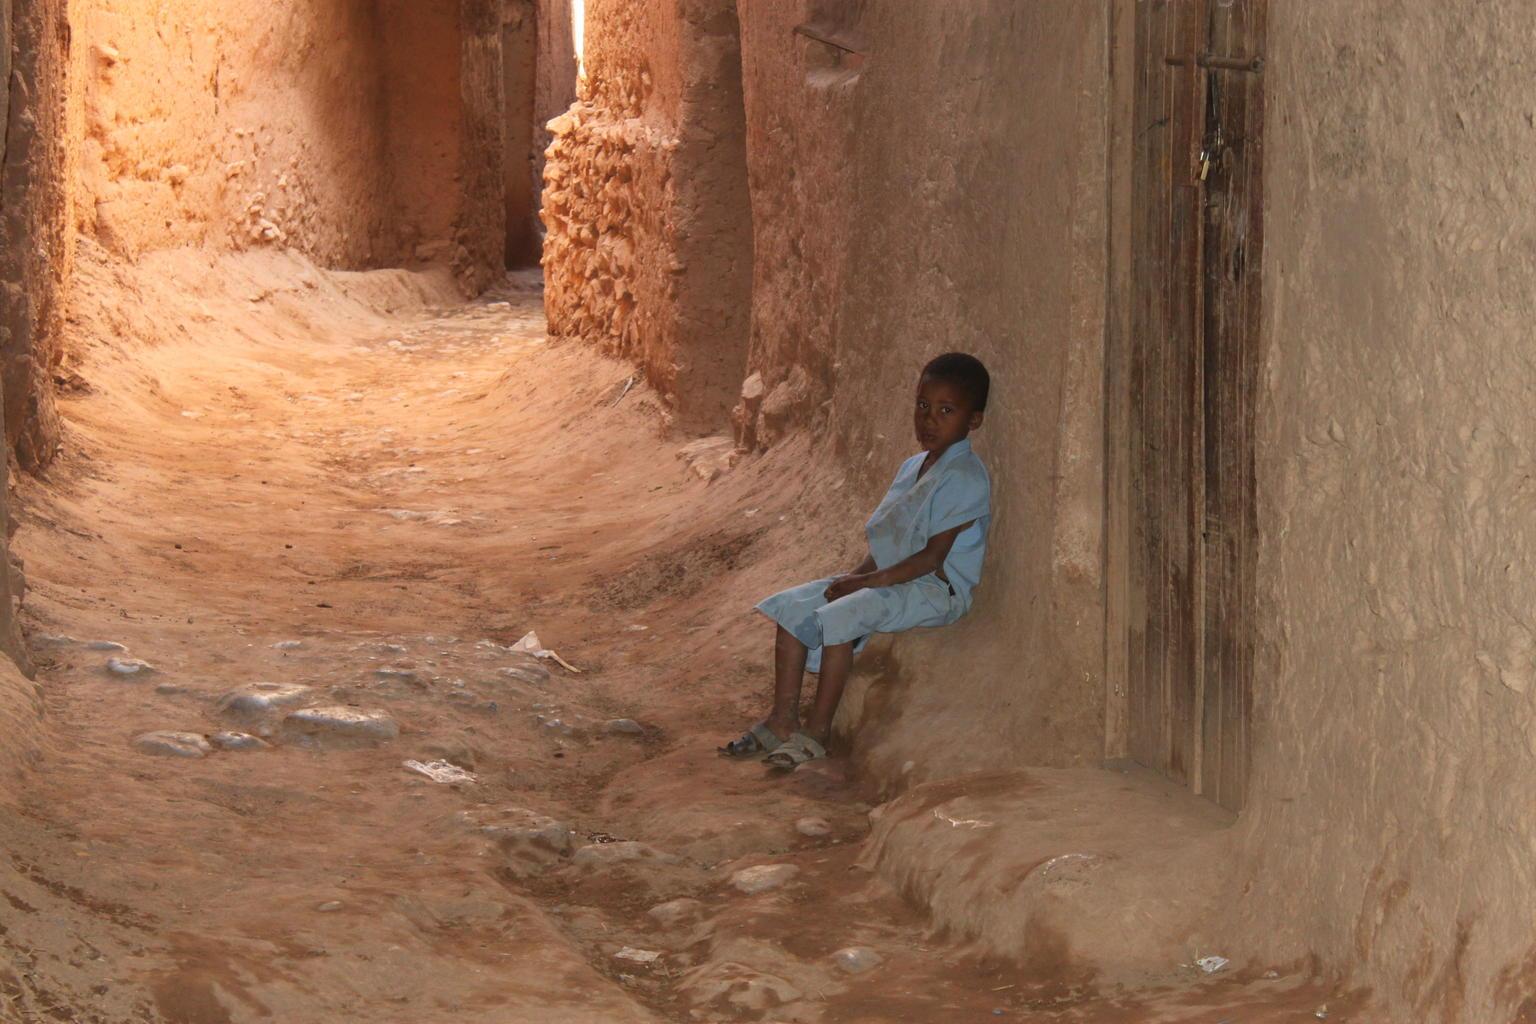 MÁS FOTOS, Excursión de 3 días: de Marrakech a Merzouga incluyendo el valle de Dadès y travesía en camello en Erg Chebbi